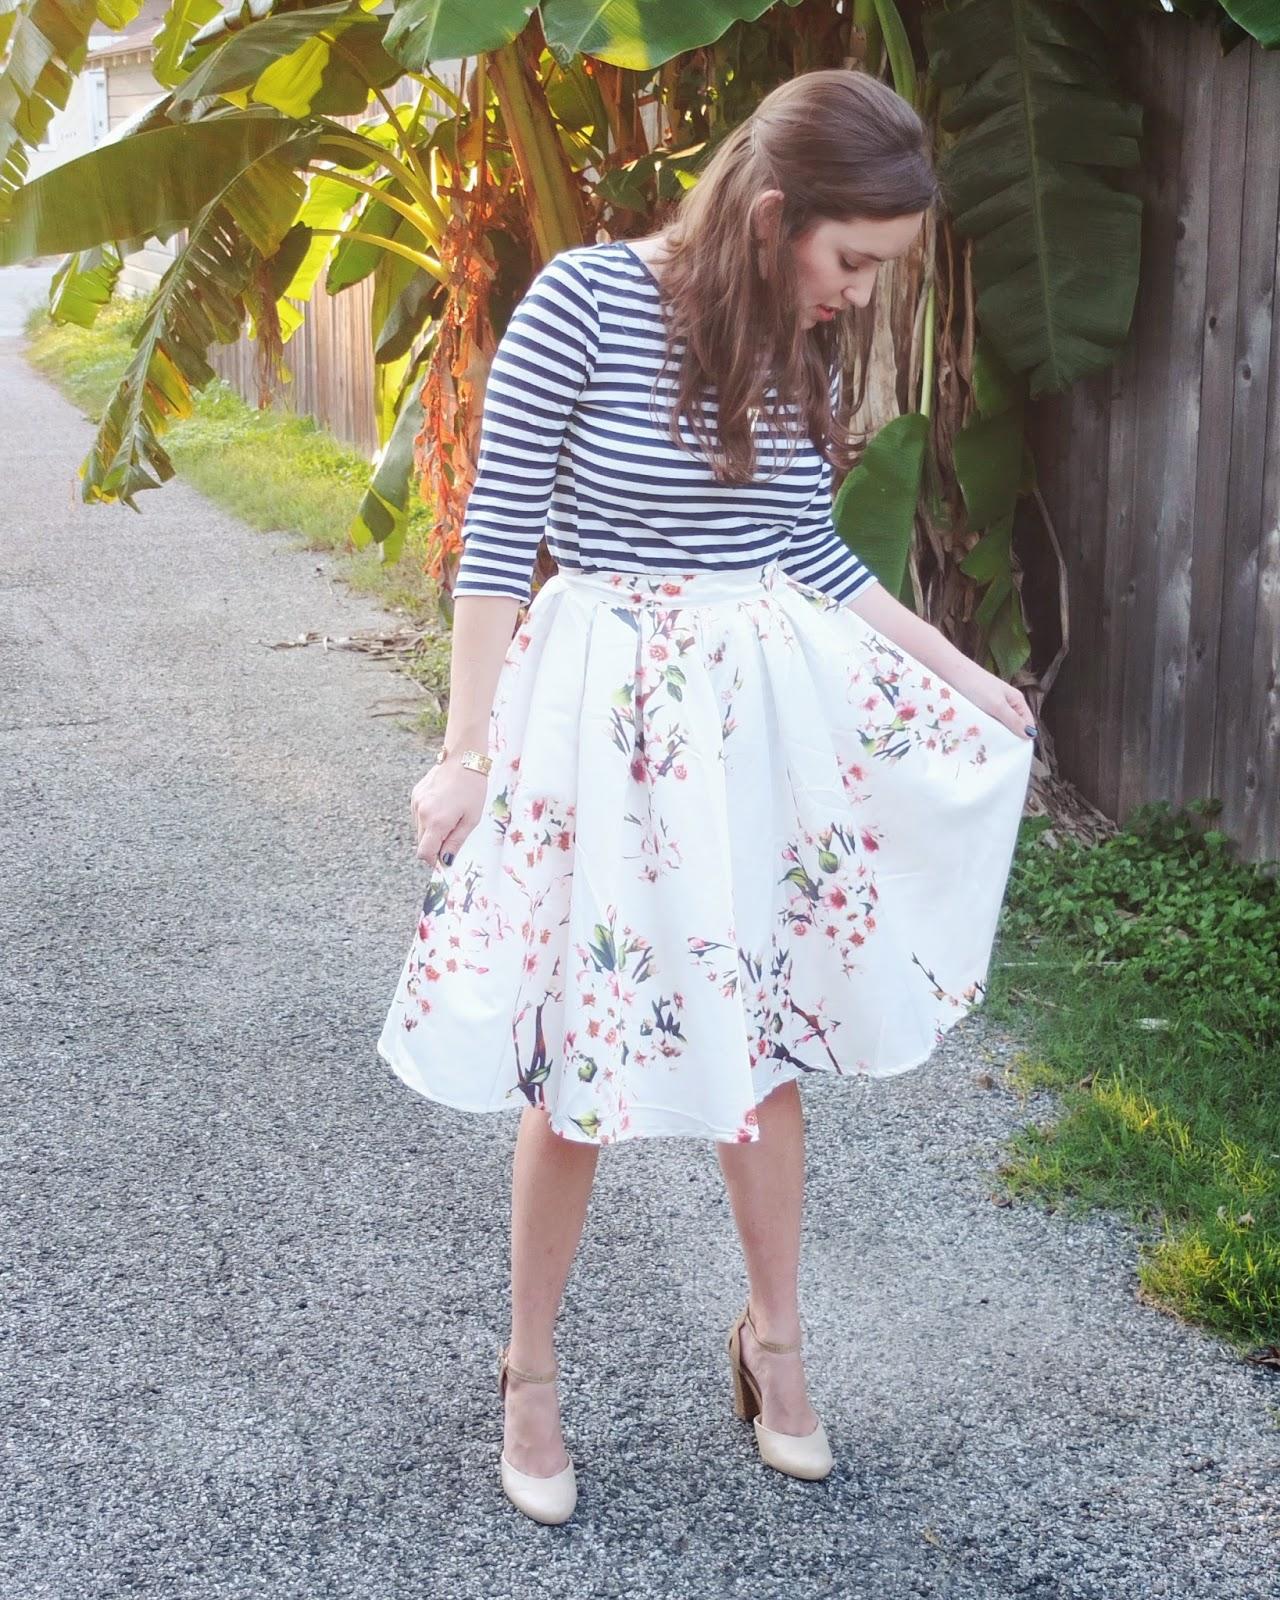 SheInside Floral Skirt, SheInside Midi Skirt, SheInside Skirt, Stripe Top and Floral Skirt, Seychelles Prowl heels, Seychelles Conquer Heels, Seychelles Nude Heels, Trendy in Texas,